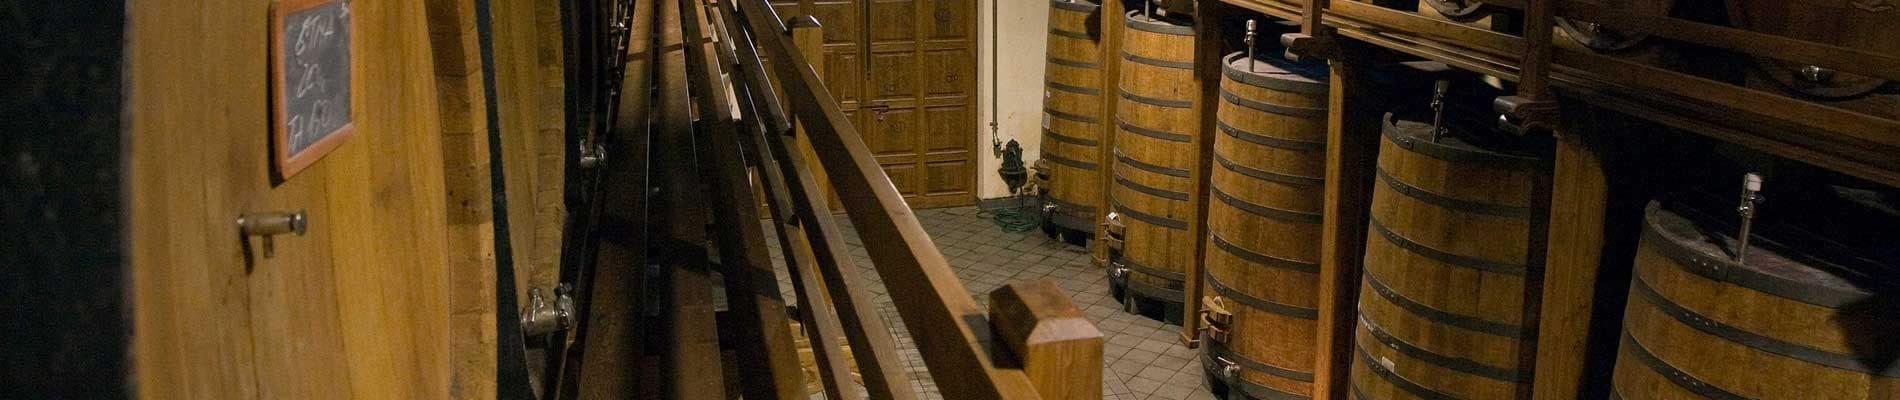 Enologia e viticoltura